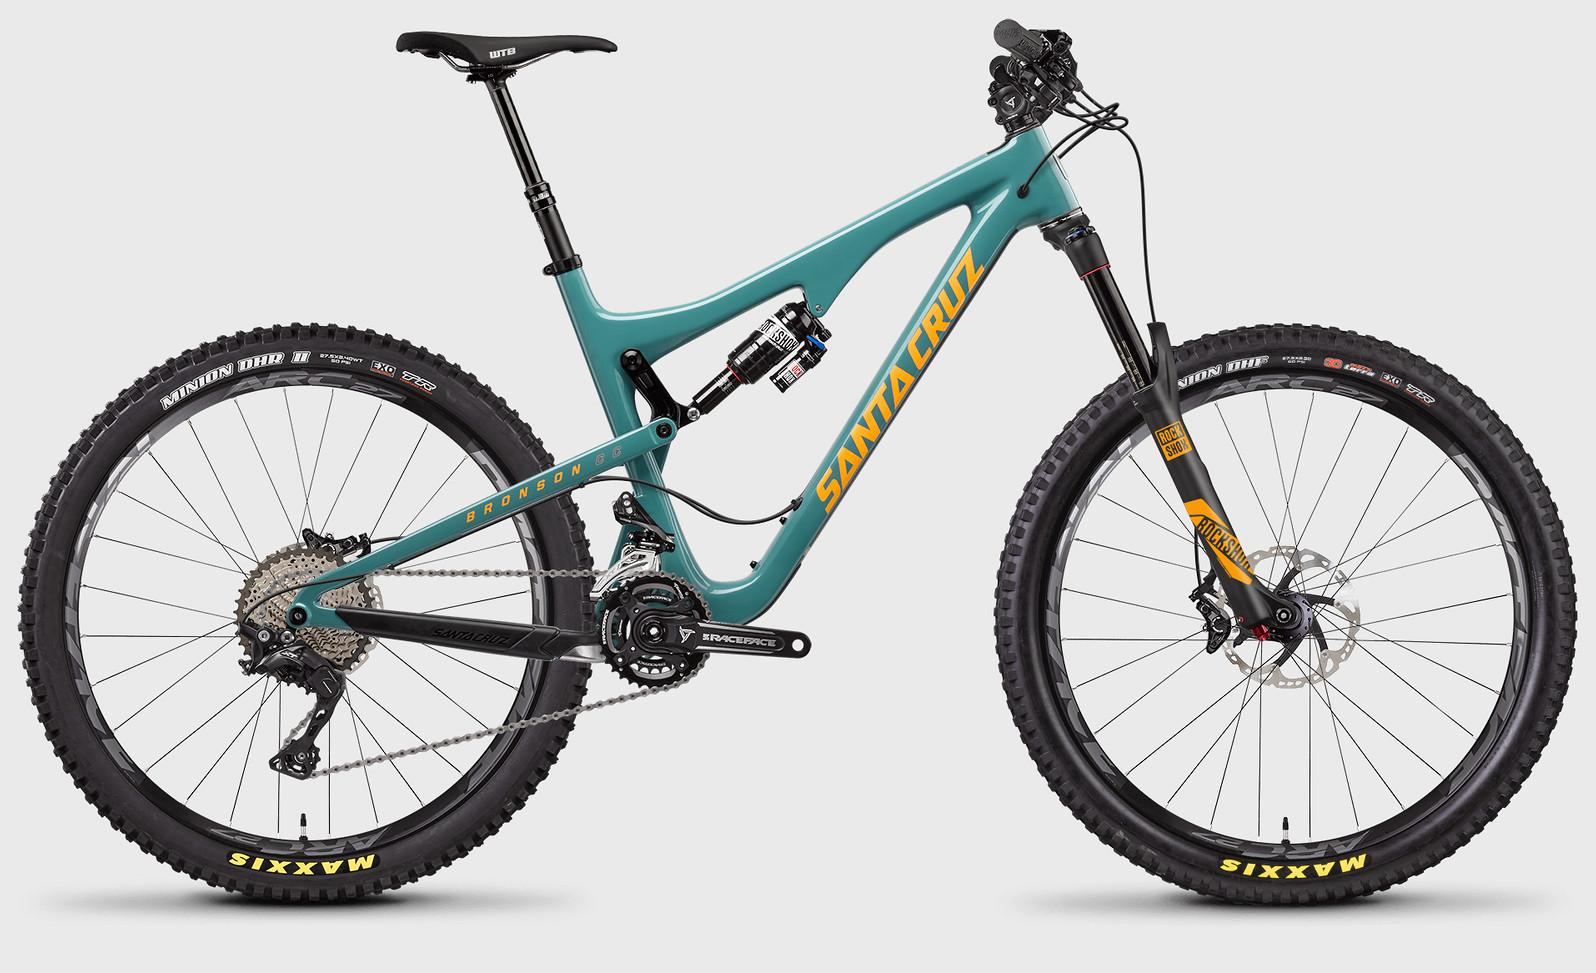 2017 Bronson Carbon CC XT